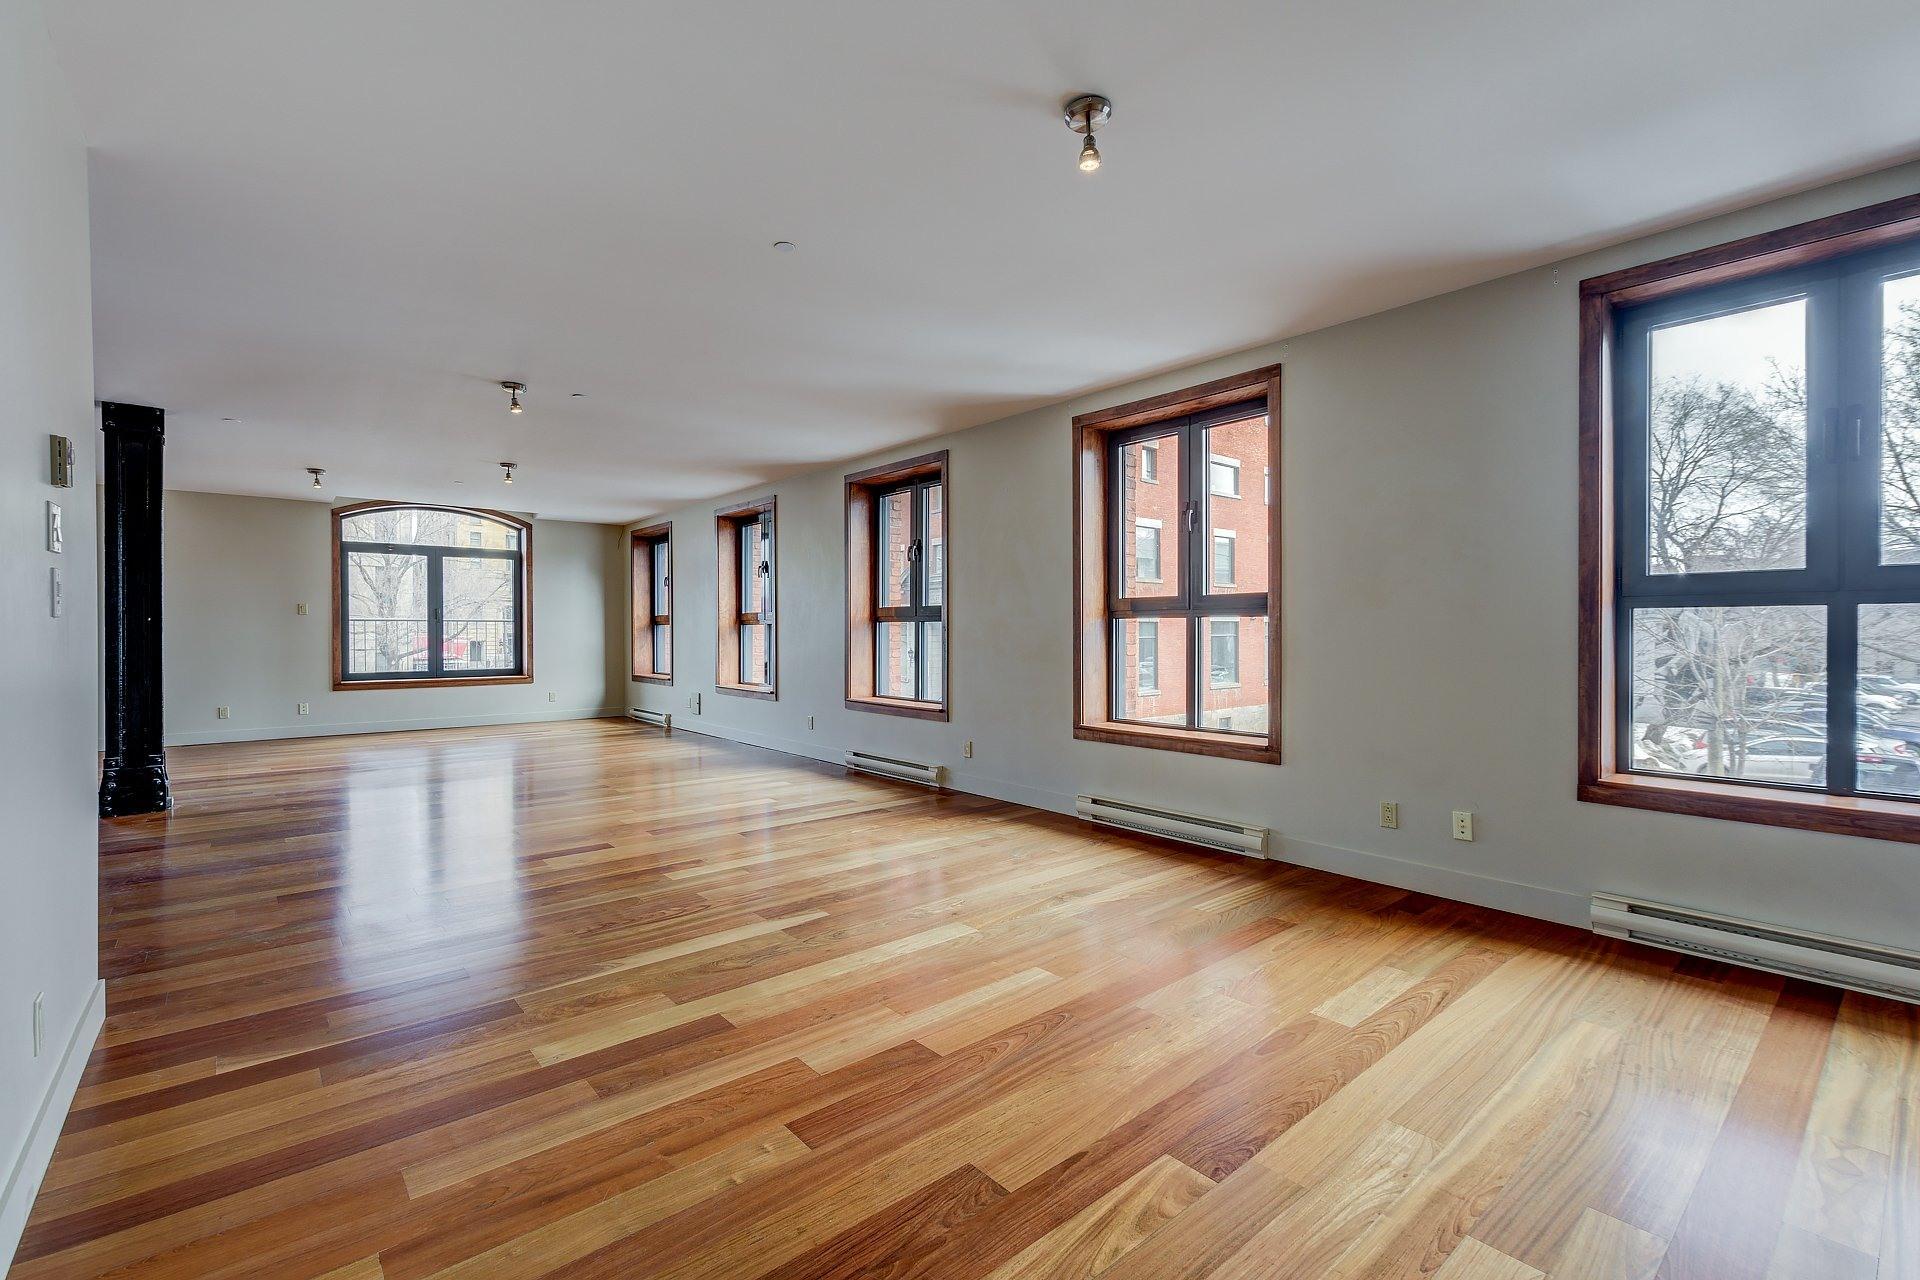 image 10 - Appartement À louer Ville-Marie Montréal  - 3 pièces